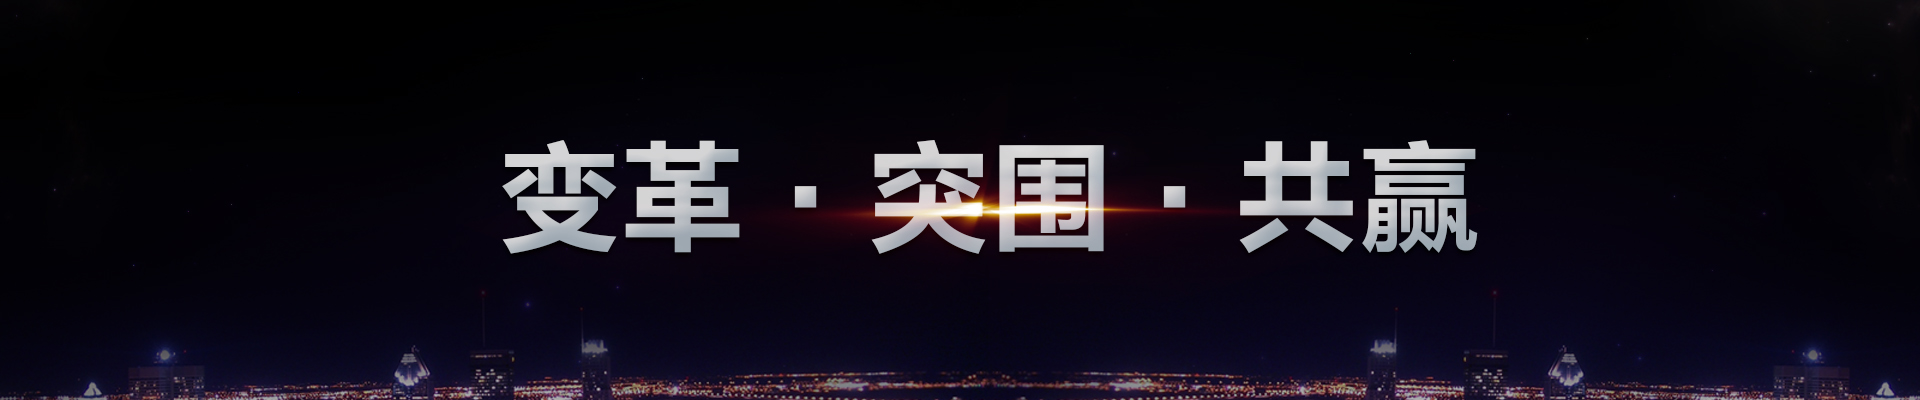 穗福-共赢